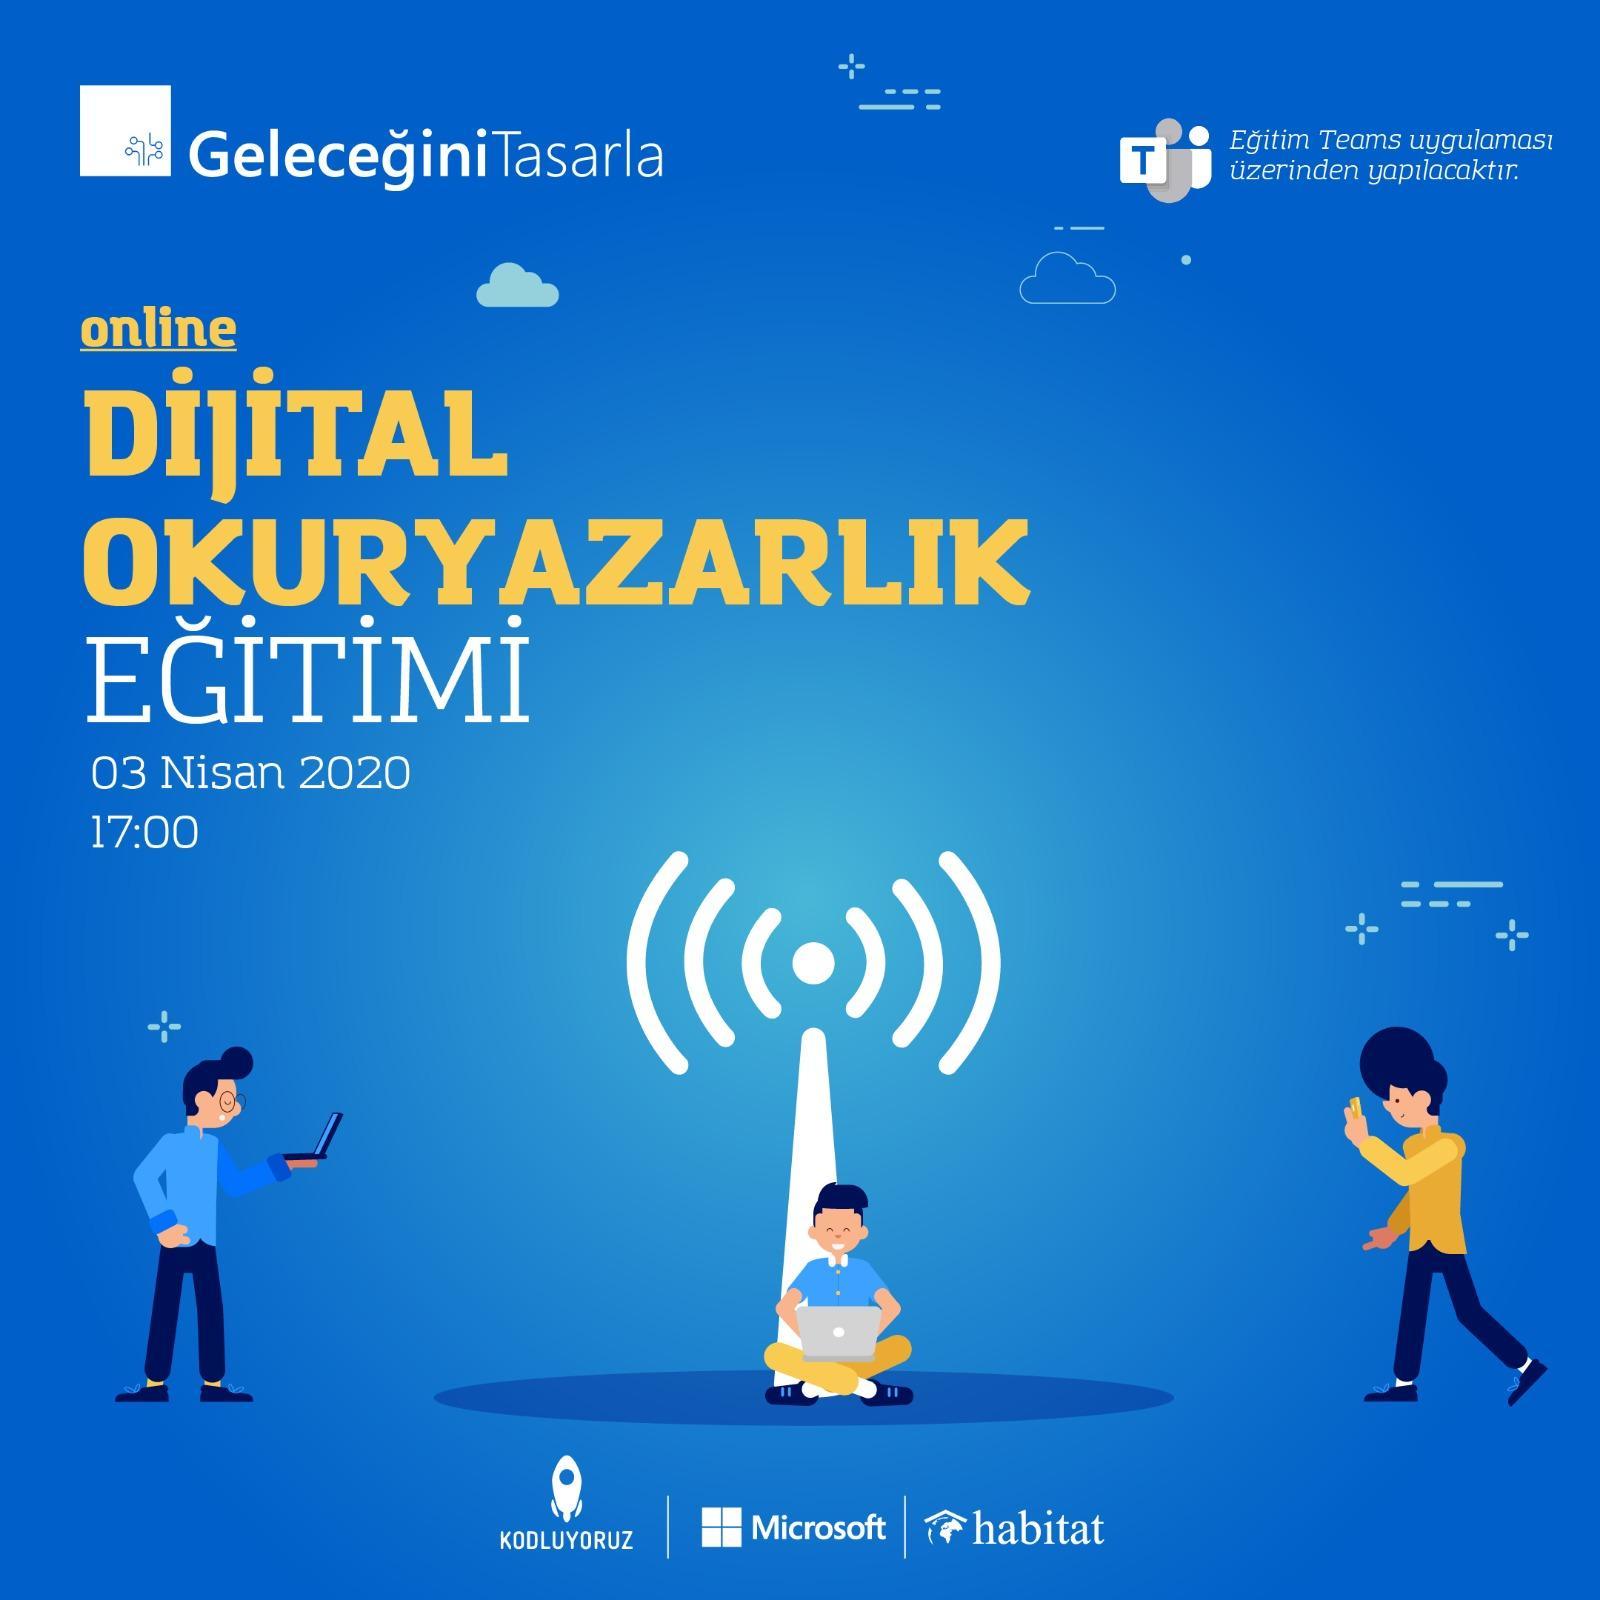 Geleceğini Tasarla Eğitimleri Dijitale Taşınıyor